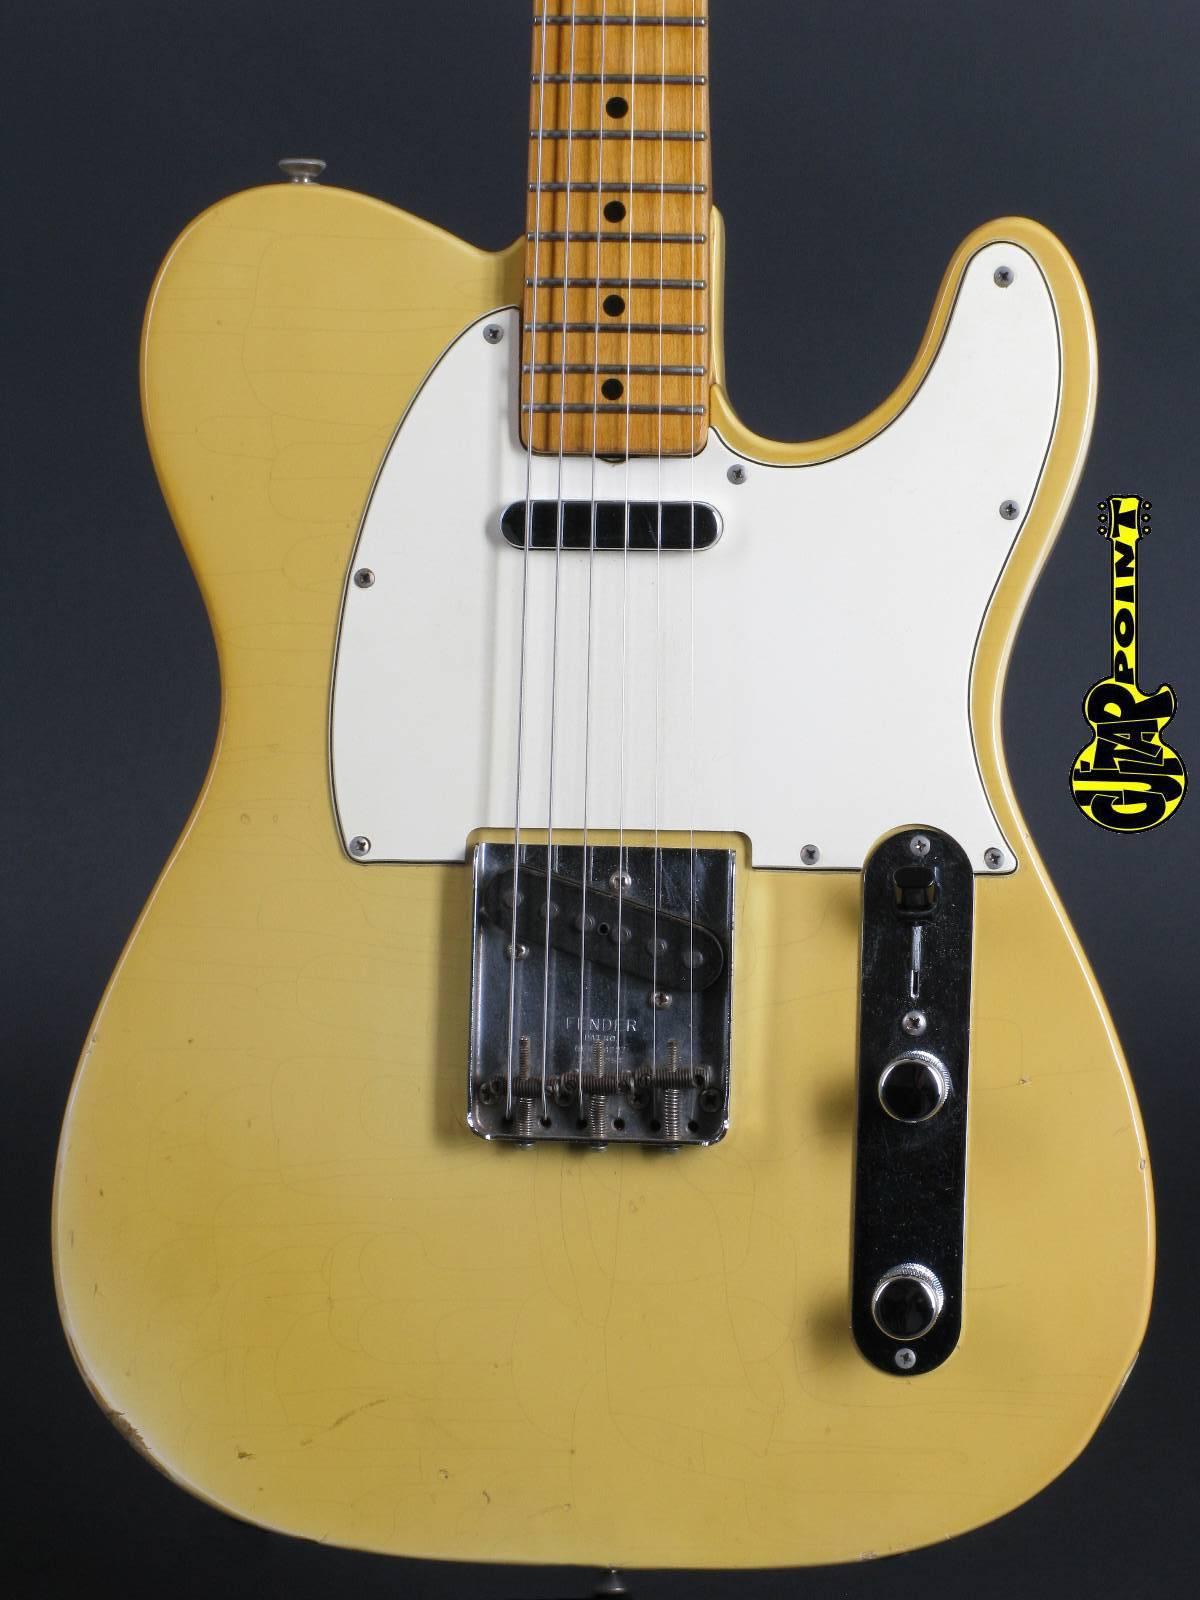 1966 Fender Telecaster - Blond (Maple-cap!)